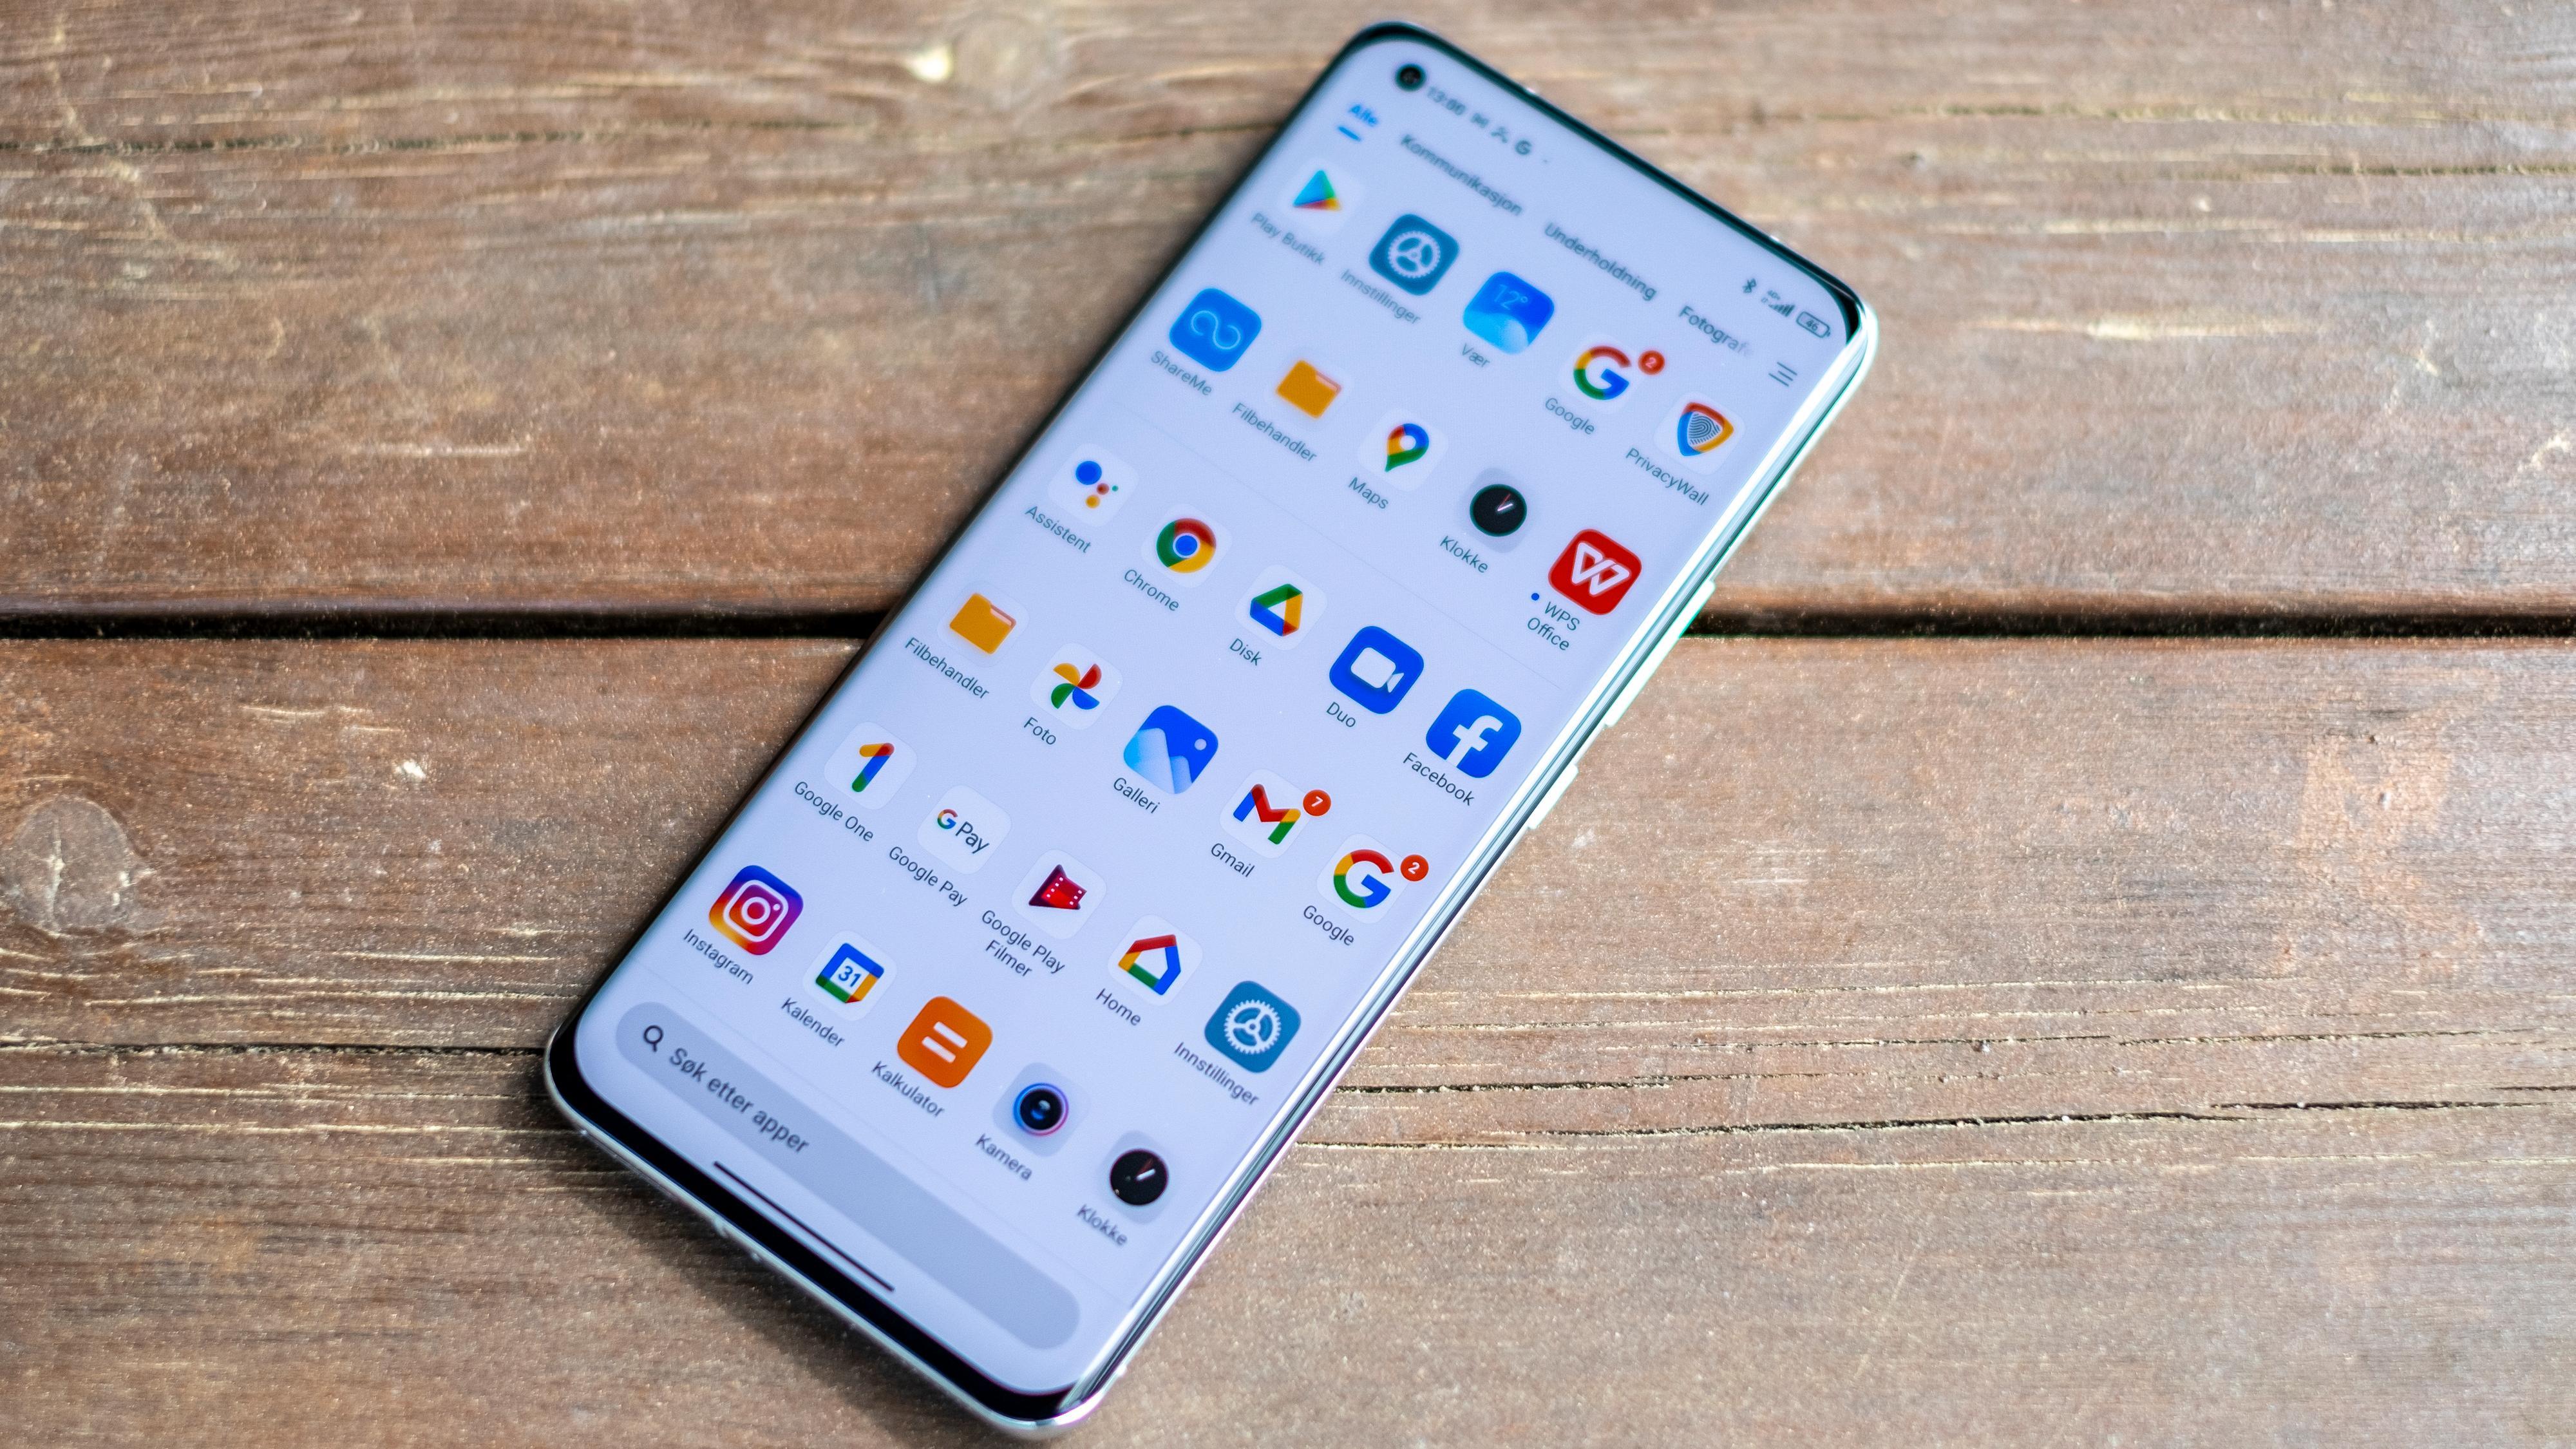 Mi 11 Ultra er en knallbra telefon med høy pris og noen «formfaktorutfordringer». Hvis du vil ha en toppmodell uten reelle svakheter som ingen andre har bør du løpe og kjøpe.